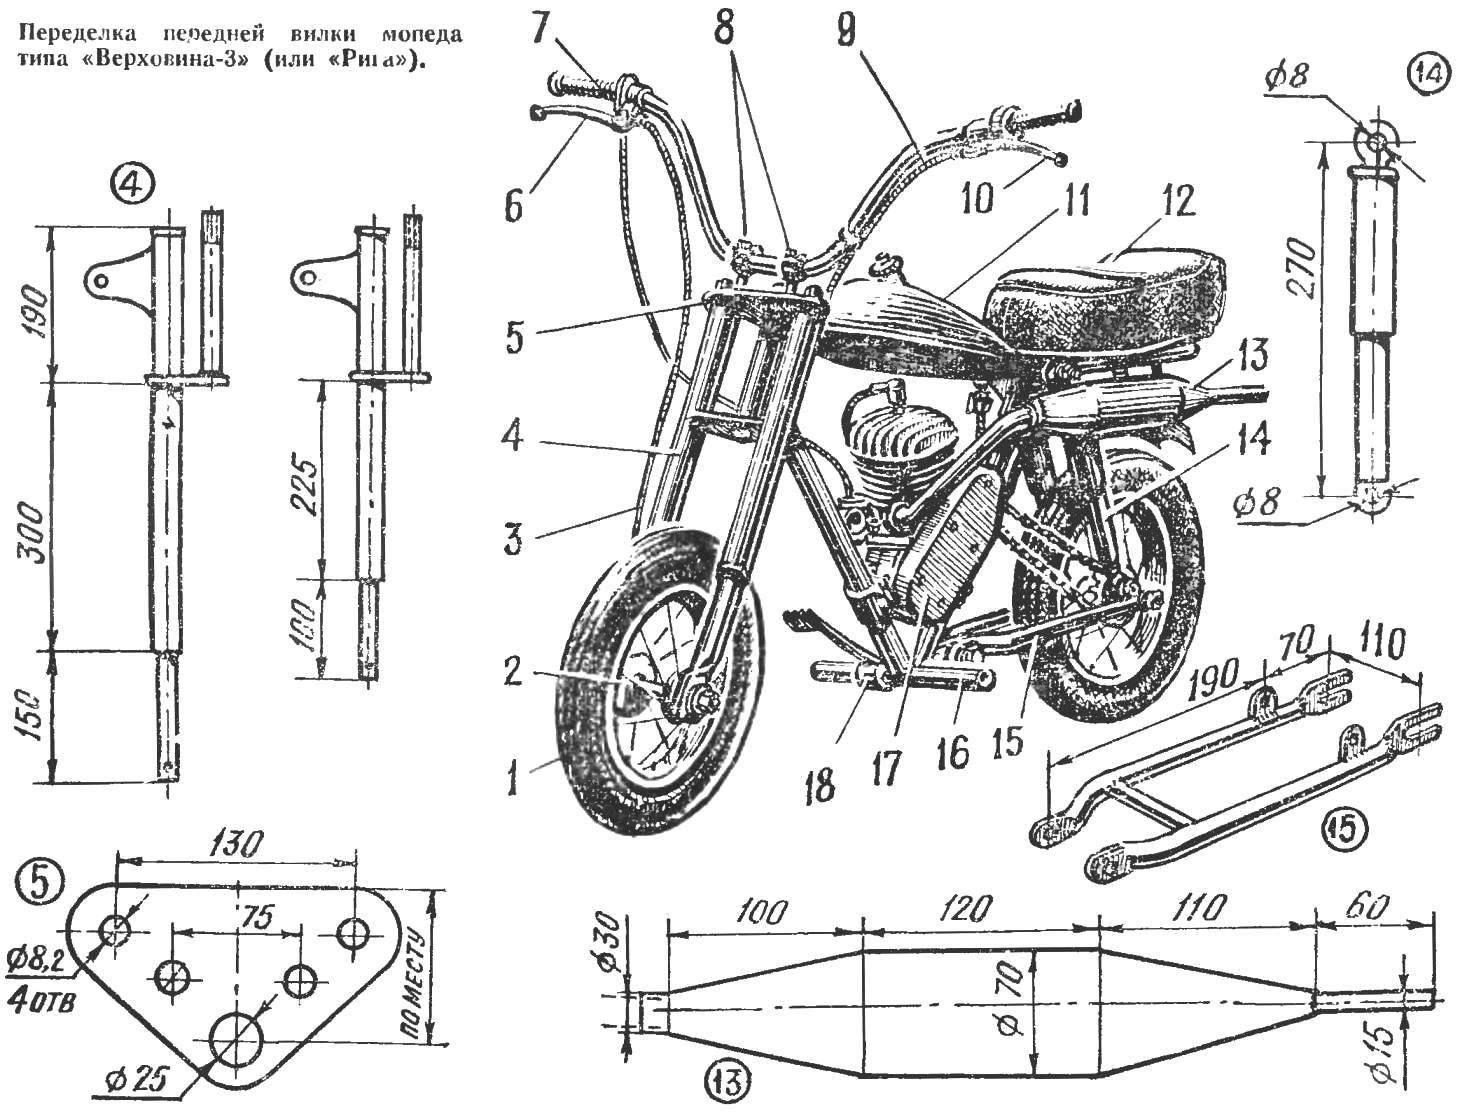 Микромотоцикл «Метеор-кросс»